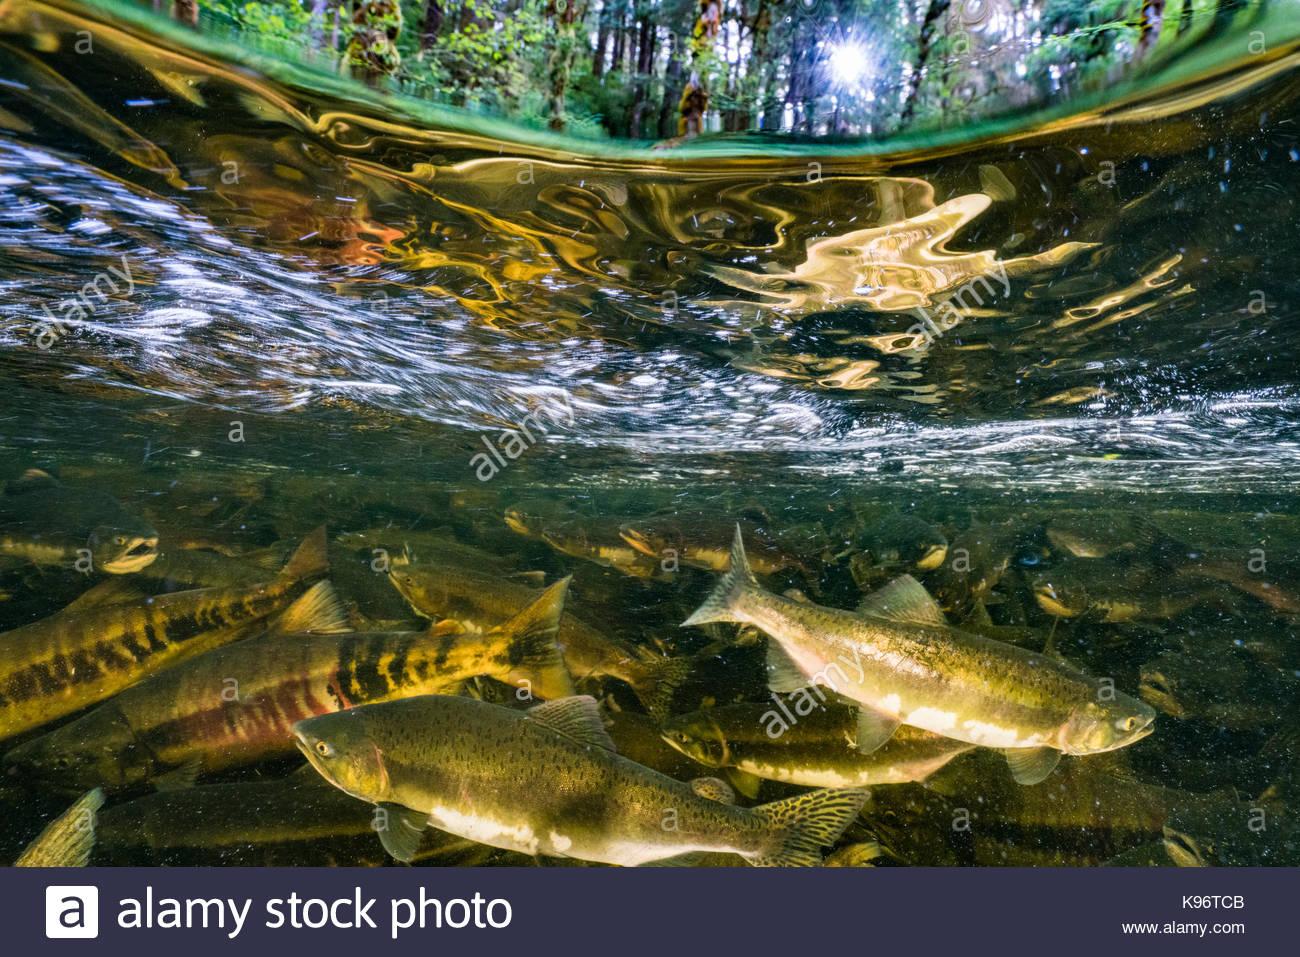 Scuola di salmone chinook nuotare a monte a competere per il vivaio. Immagini Stock